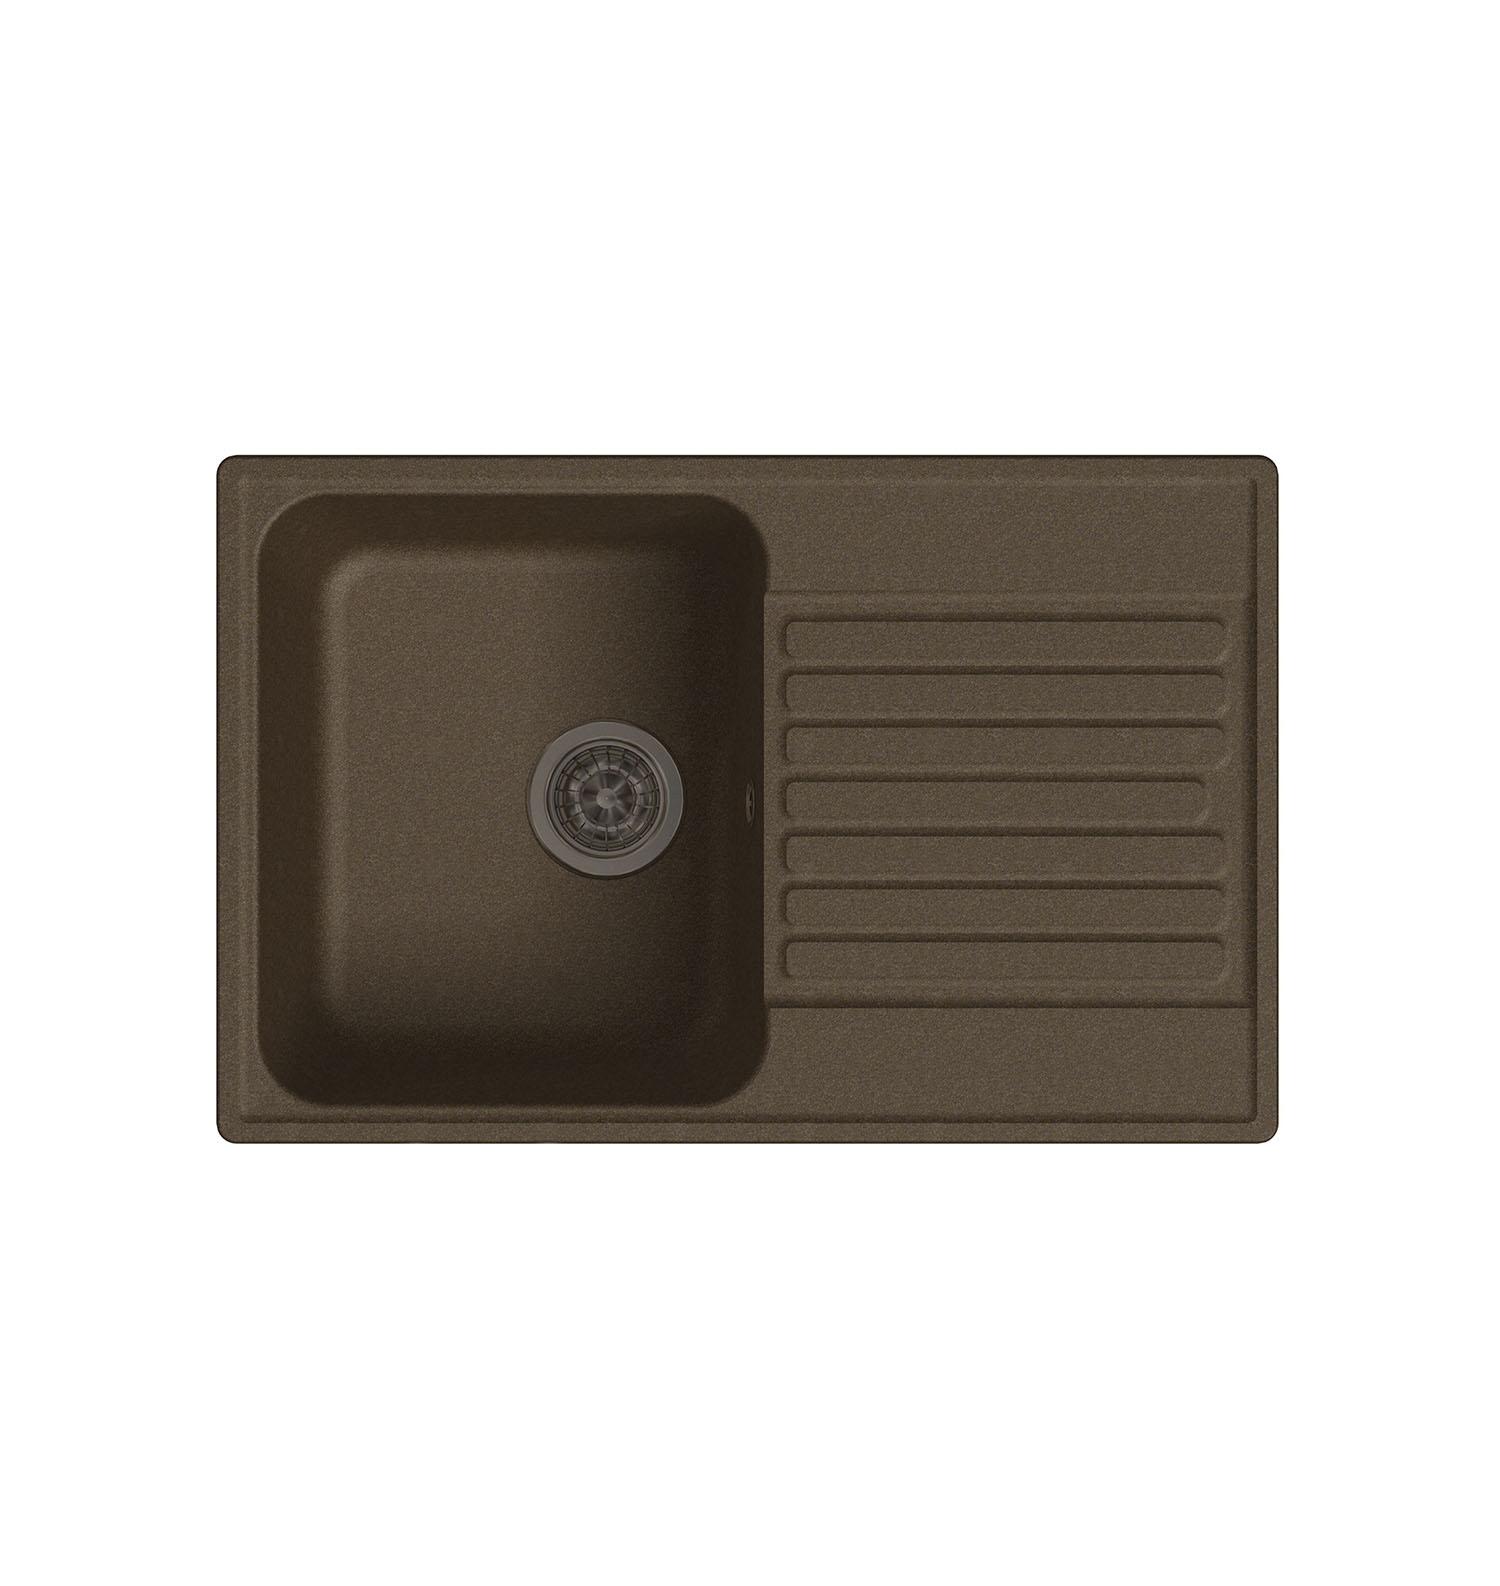 LEX Geneva 740 Chocolate